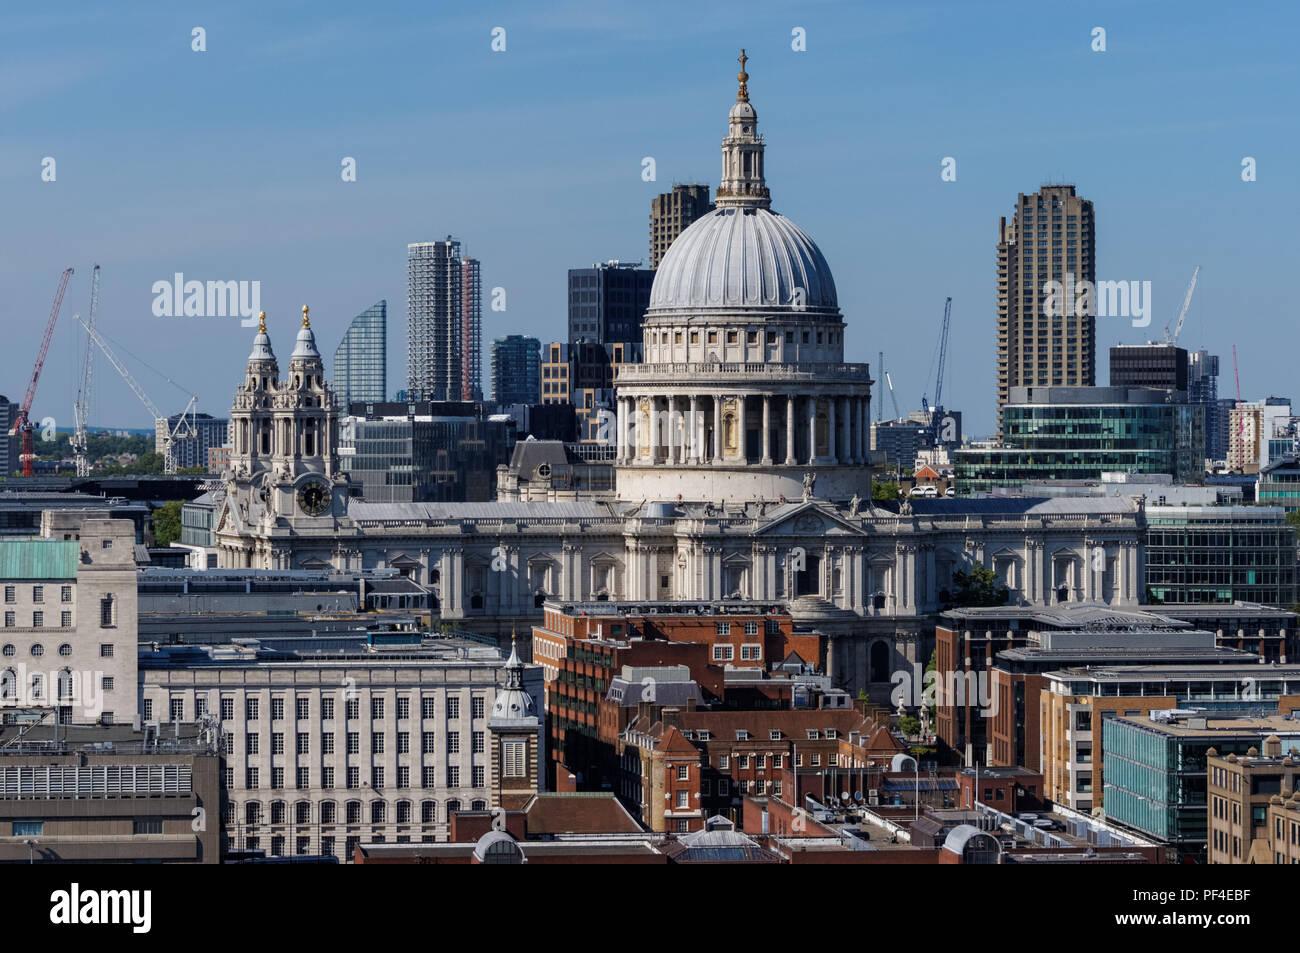 St. Paul's Cathedral, London England United Kingdom UK Stock Photo